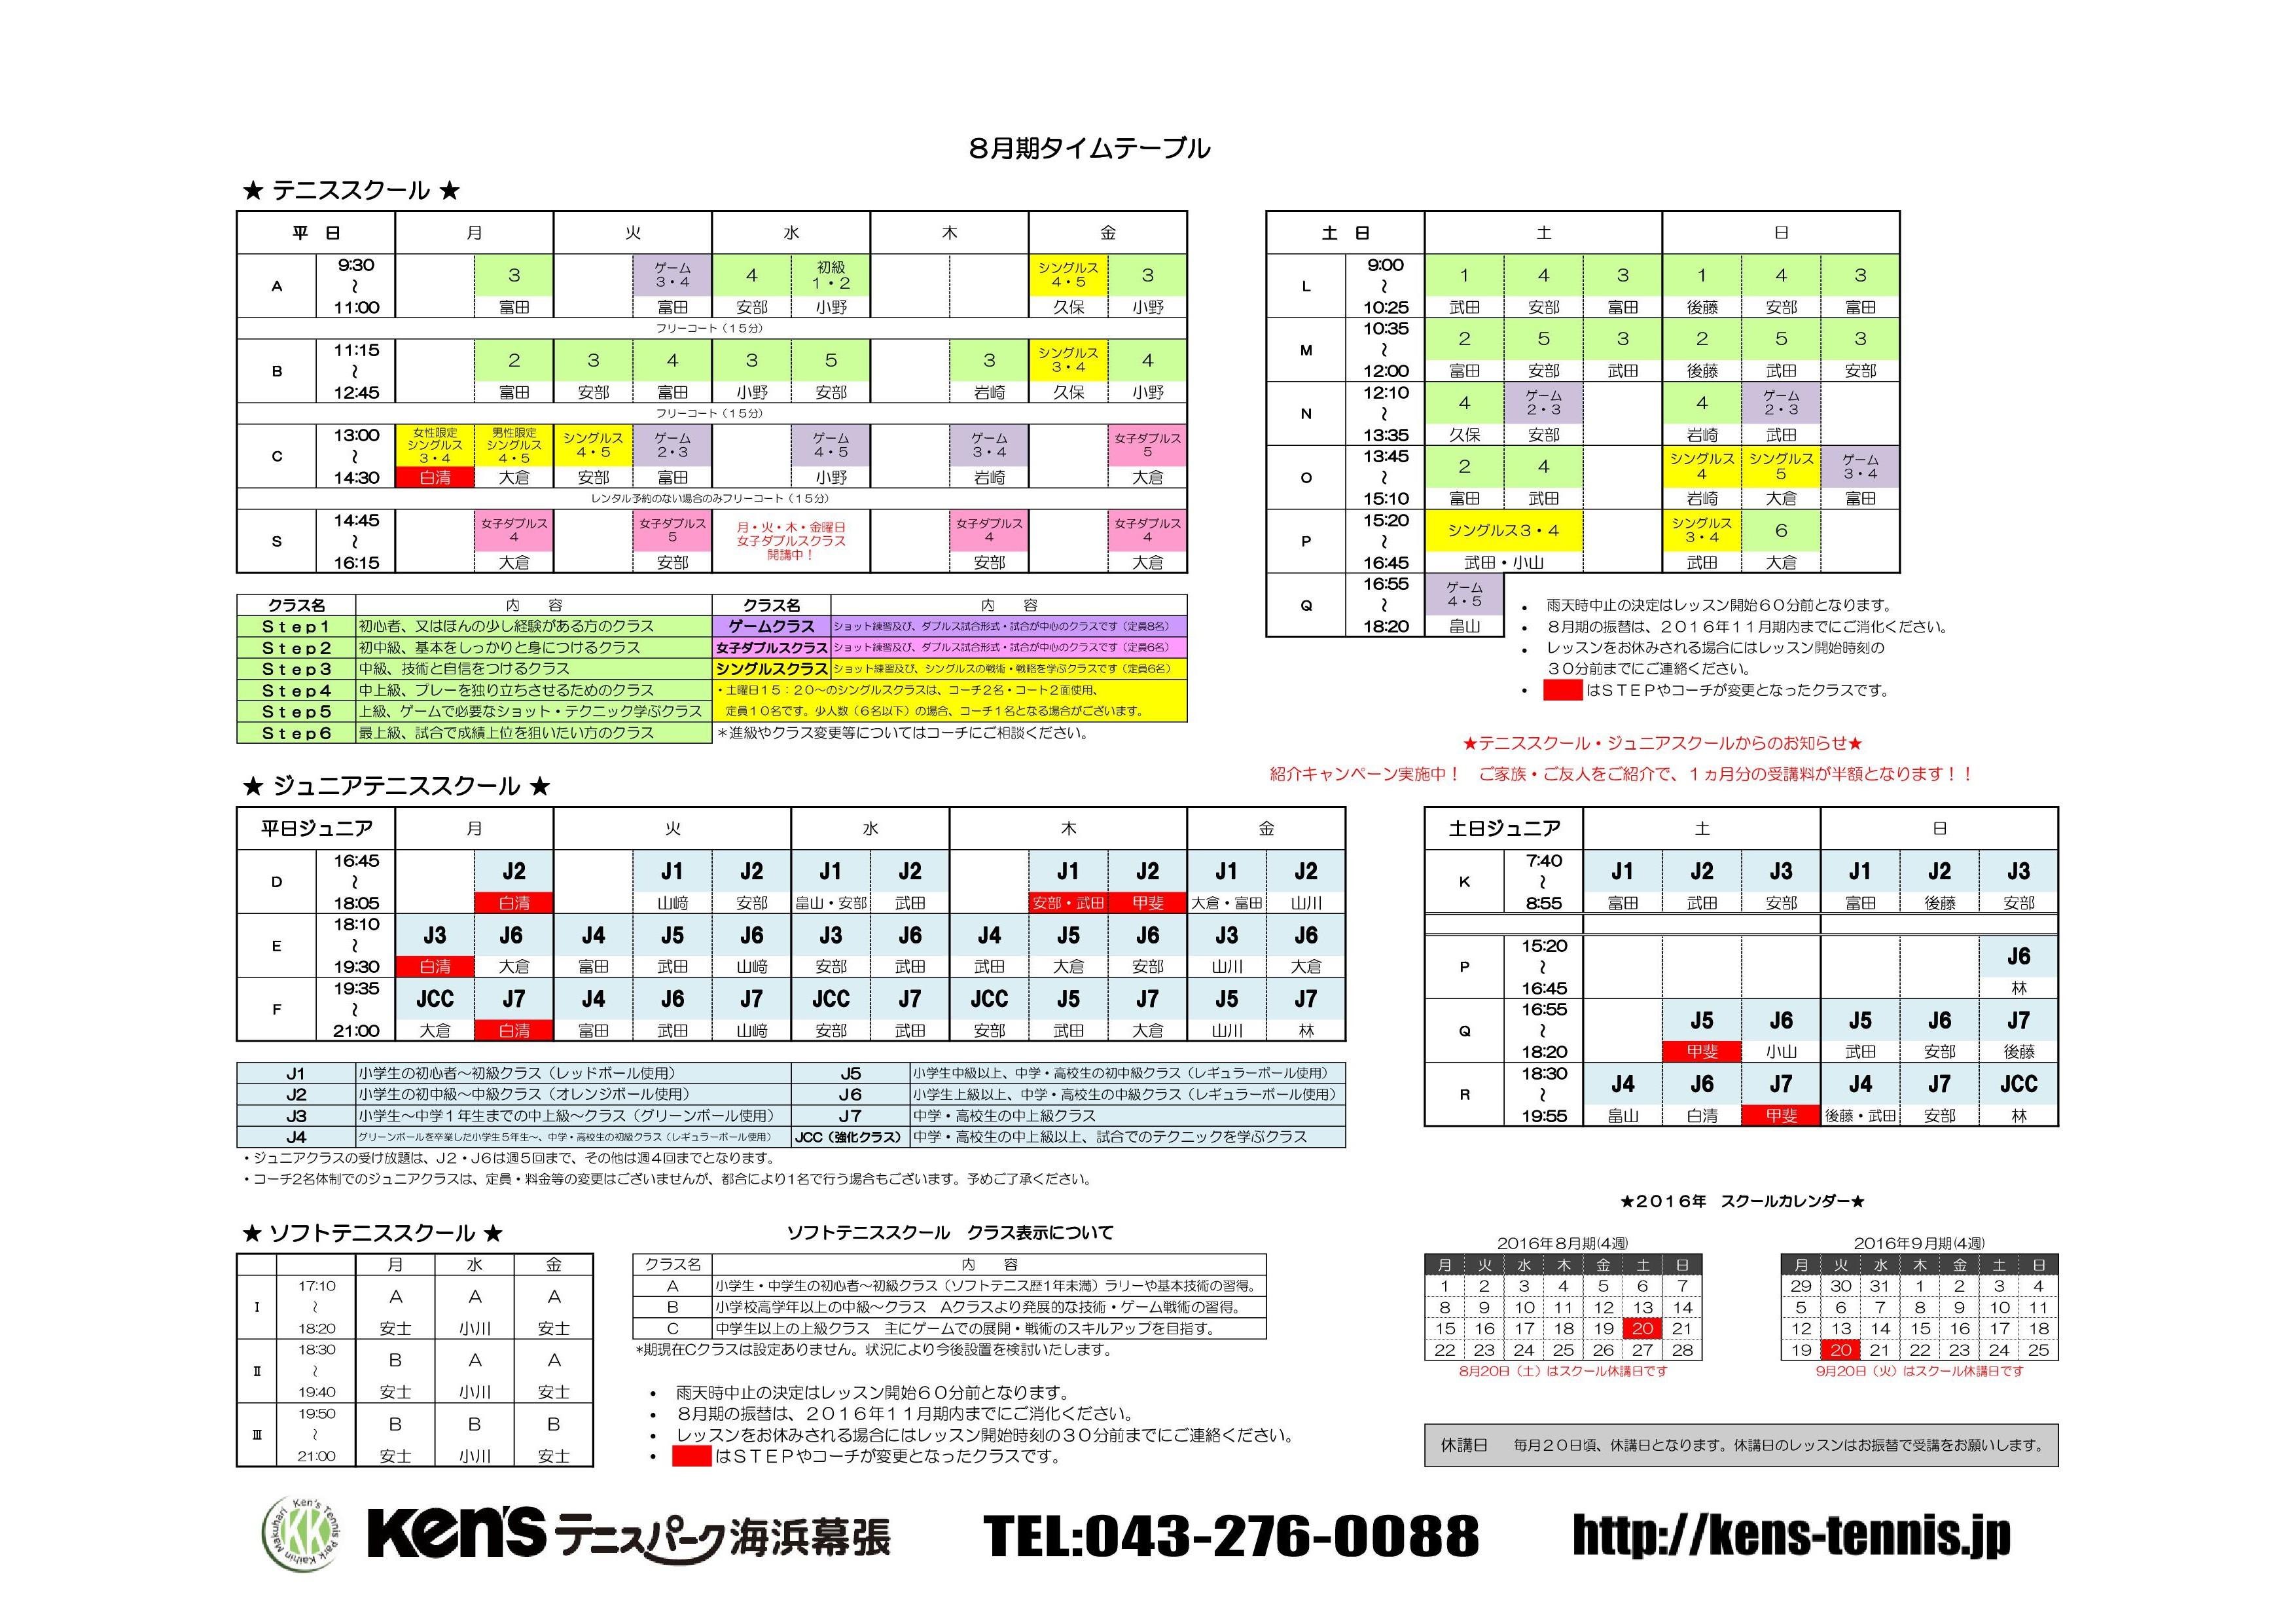 16'8月期タイムテーブル(KK)HP掲載用